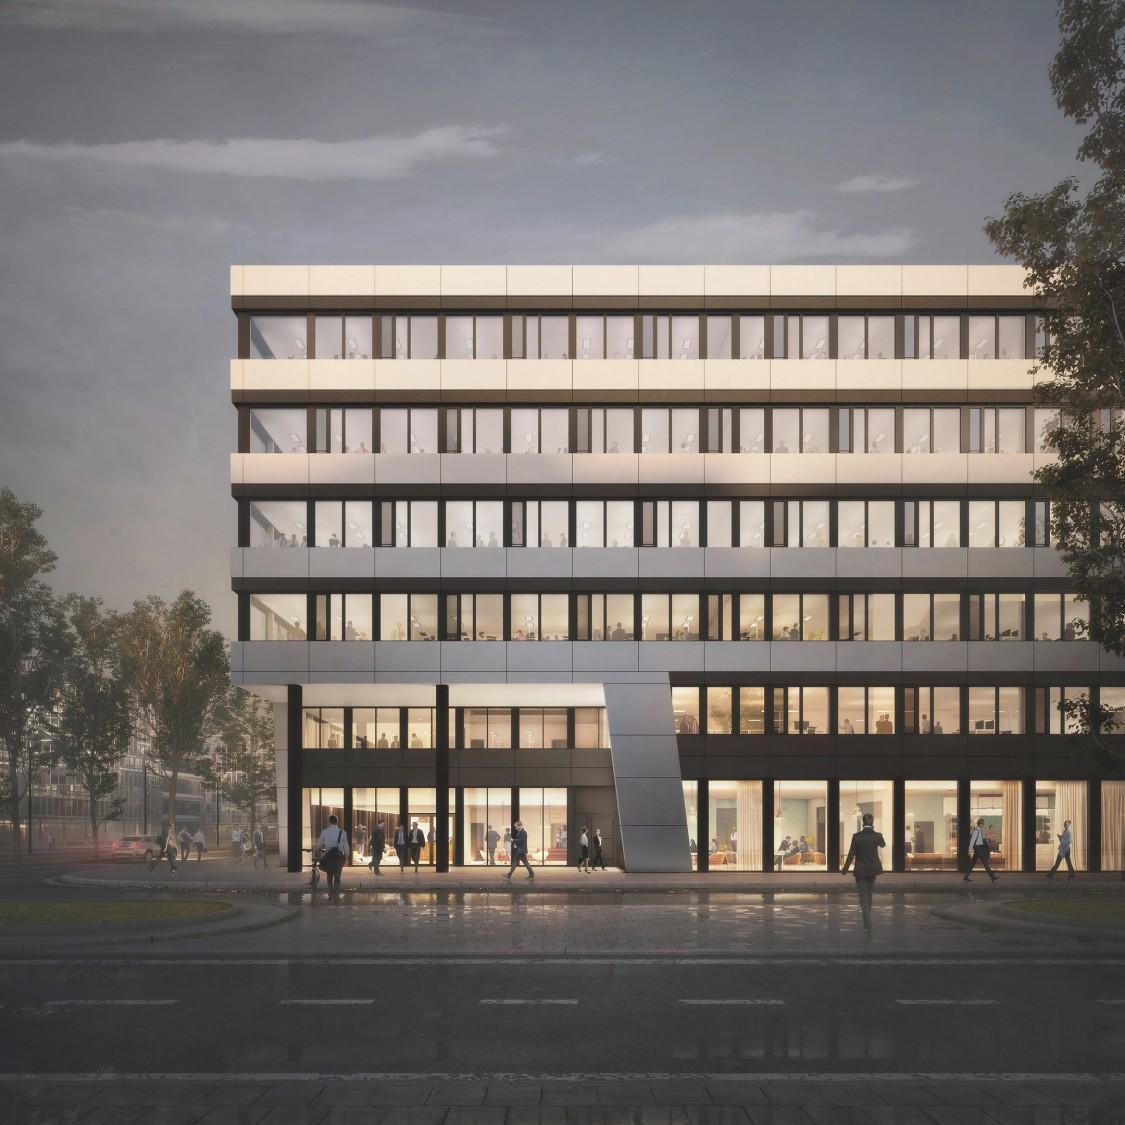 The Move Rendering Bürogebäude in der Abenddämmerung